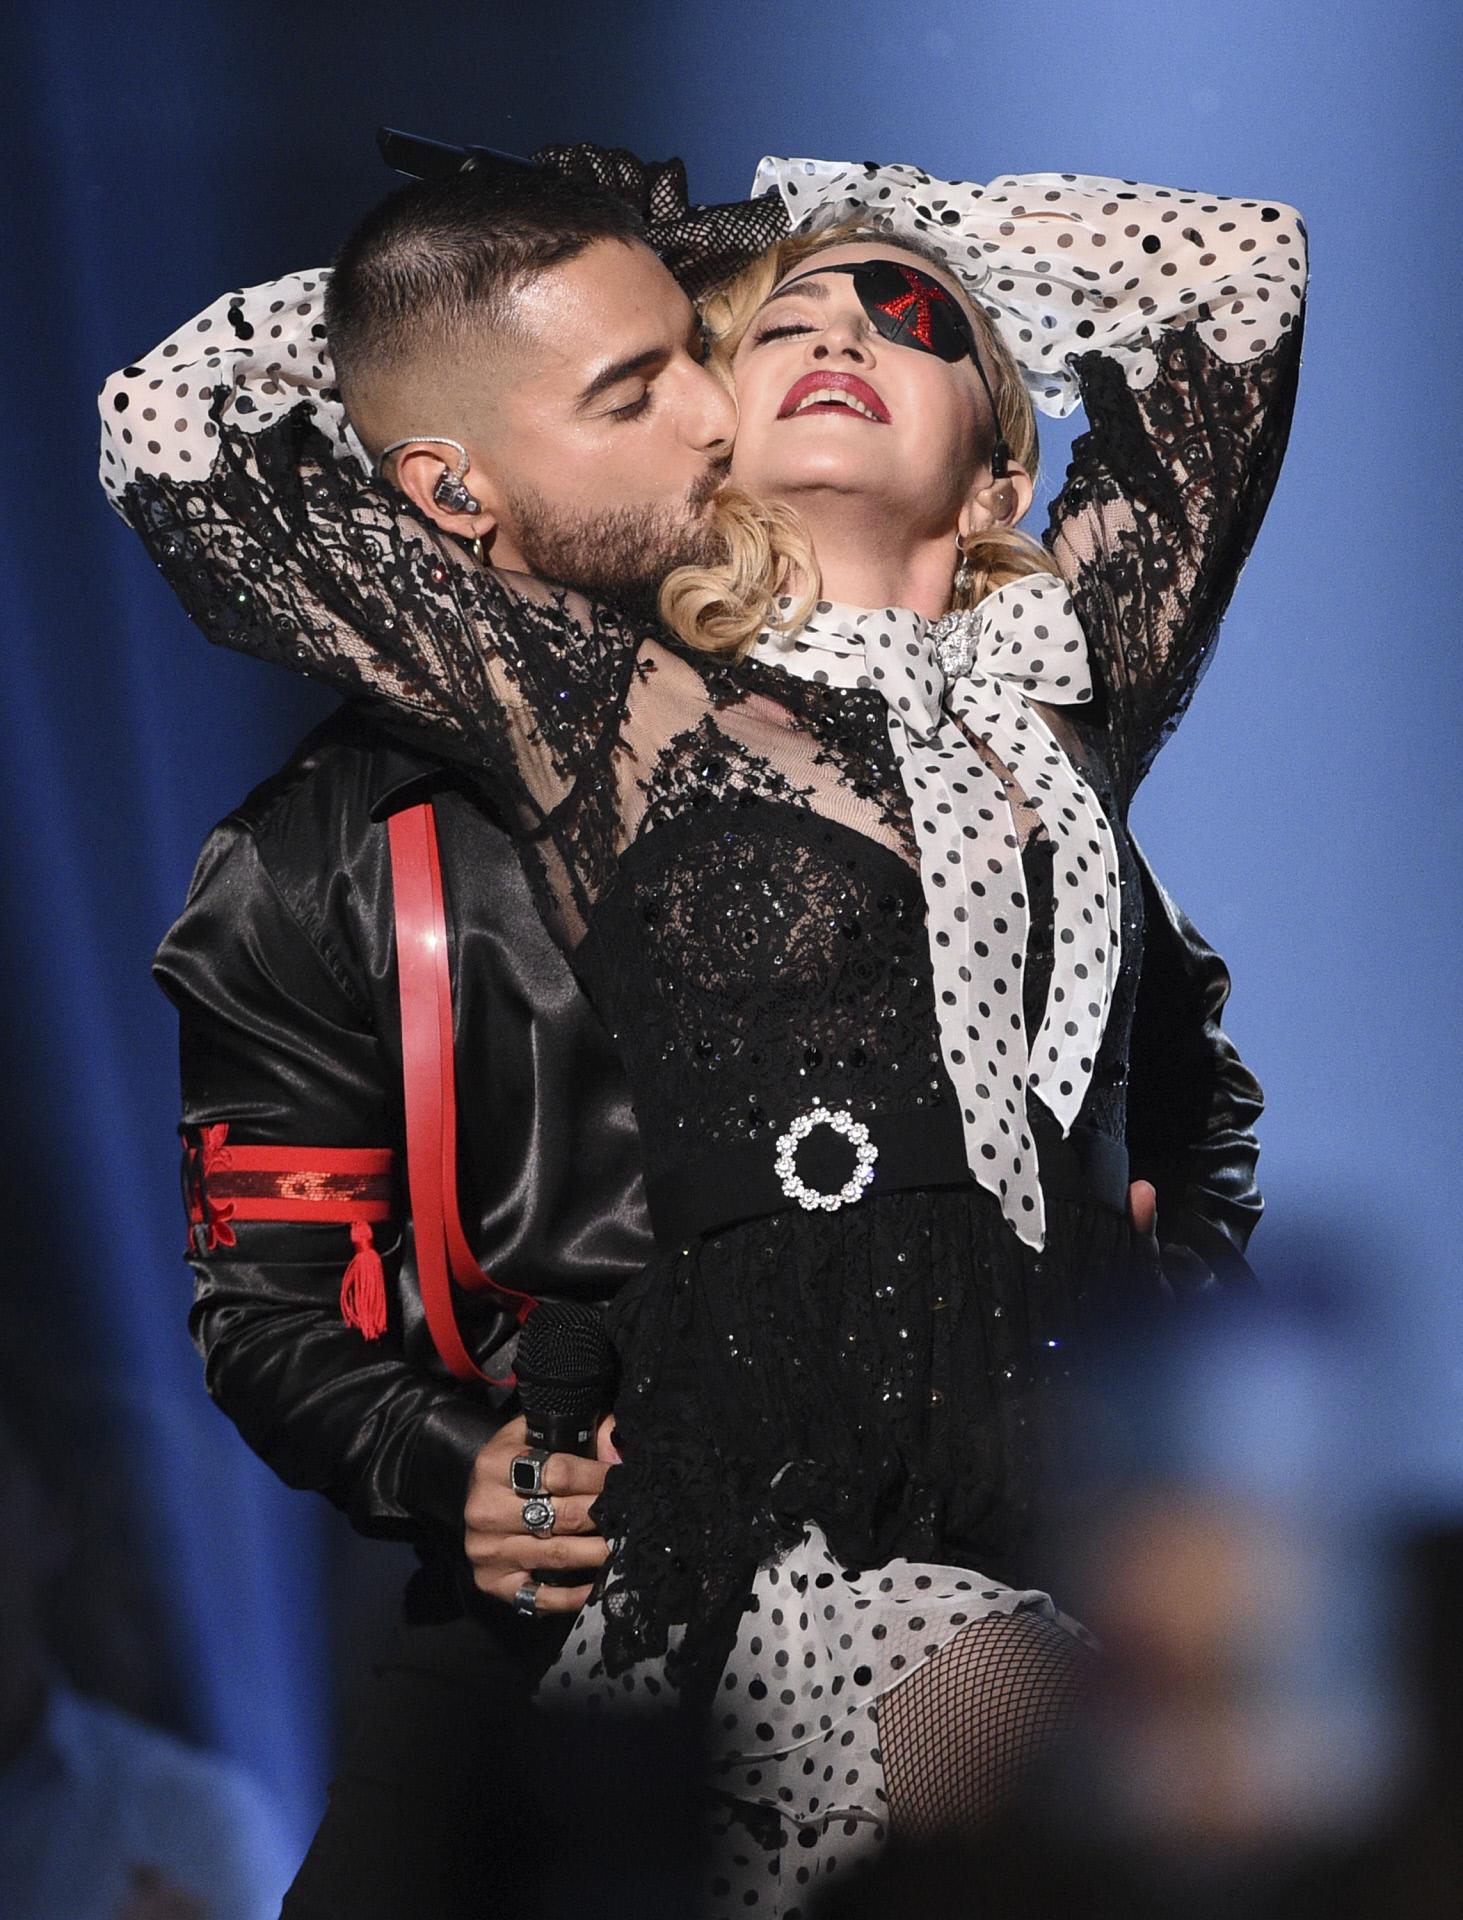 Madonna junto a Maluma, en una actuación, con evidente gesto sensual.